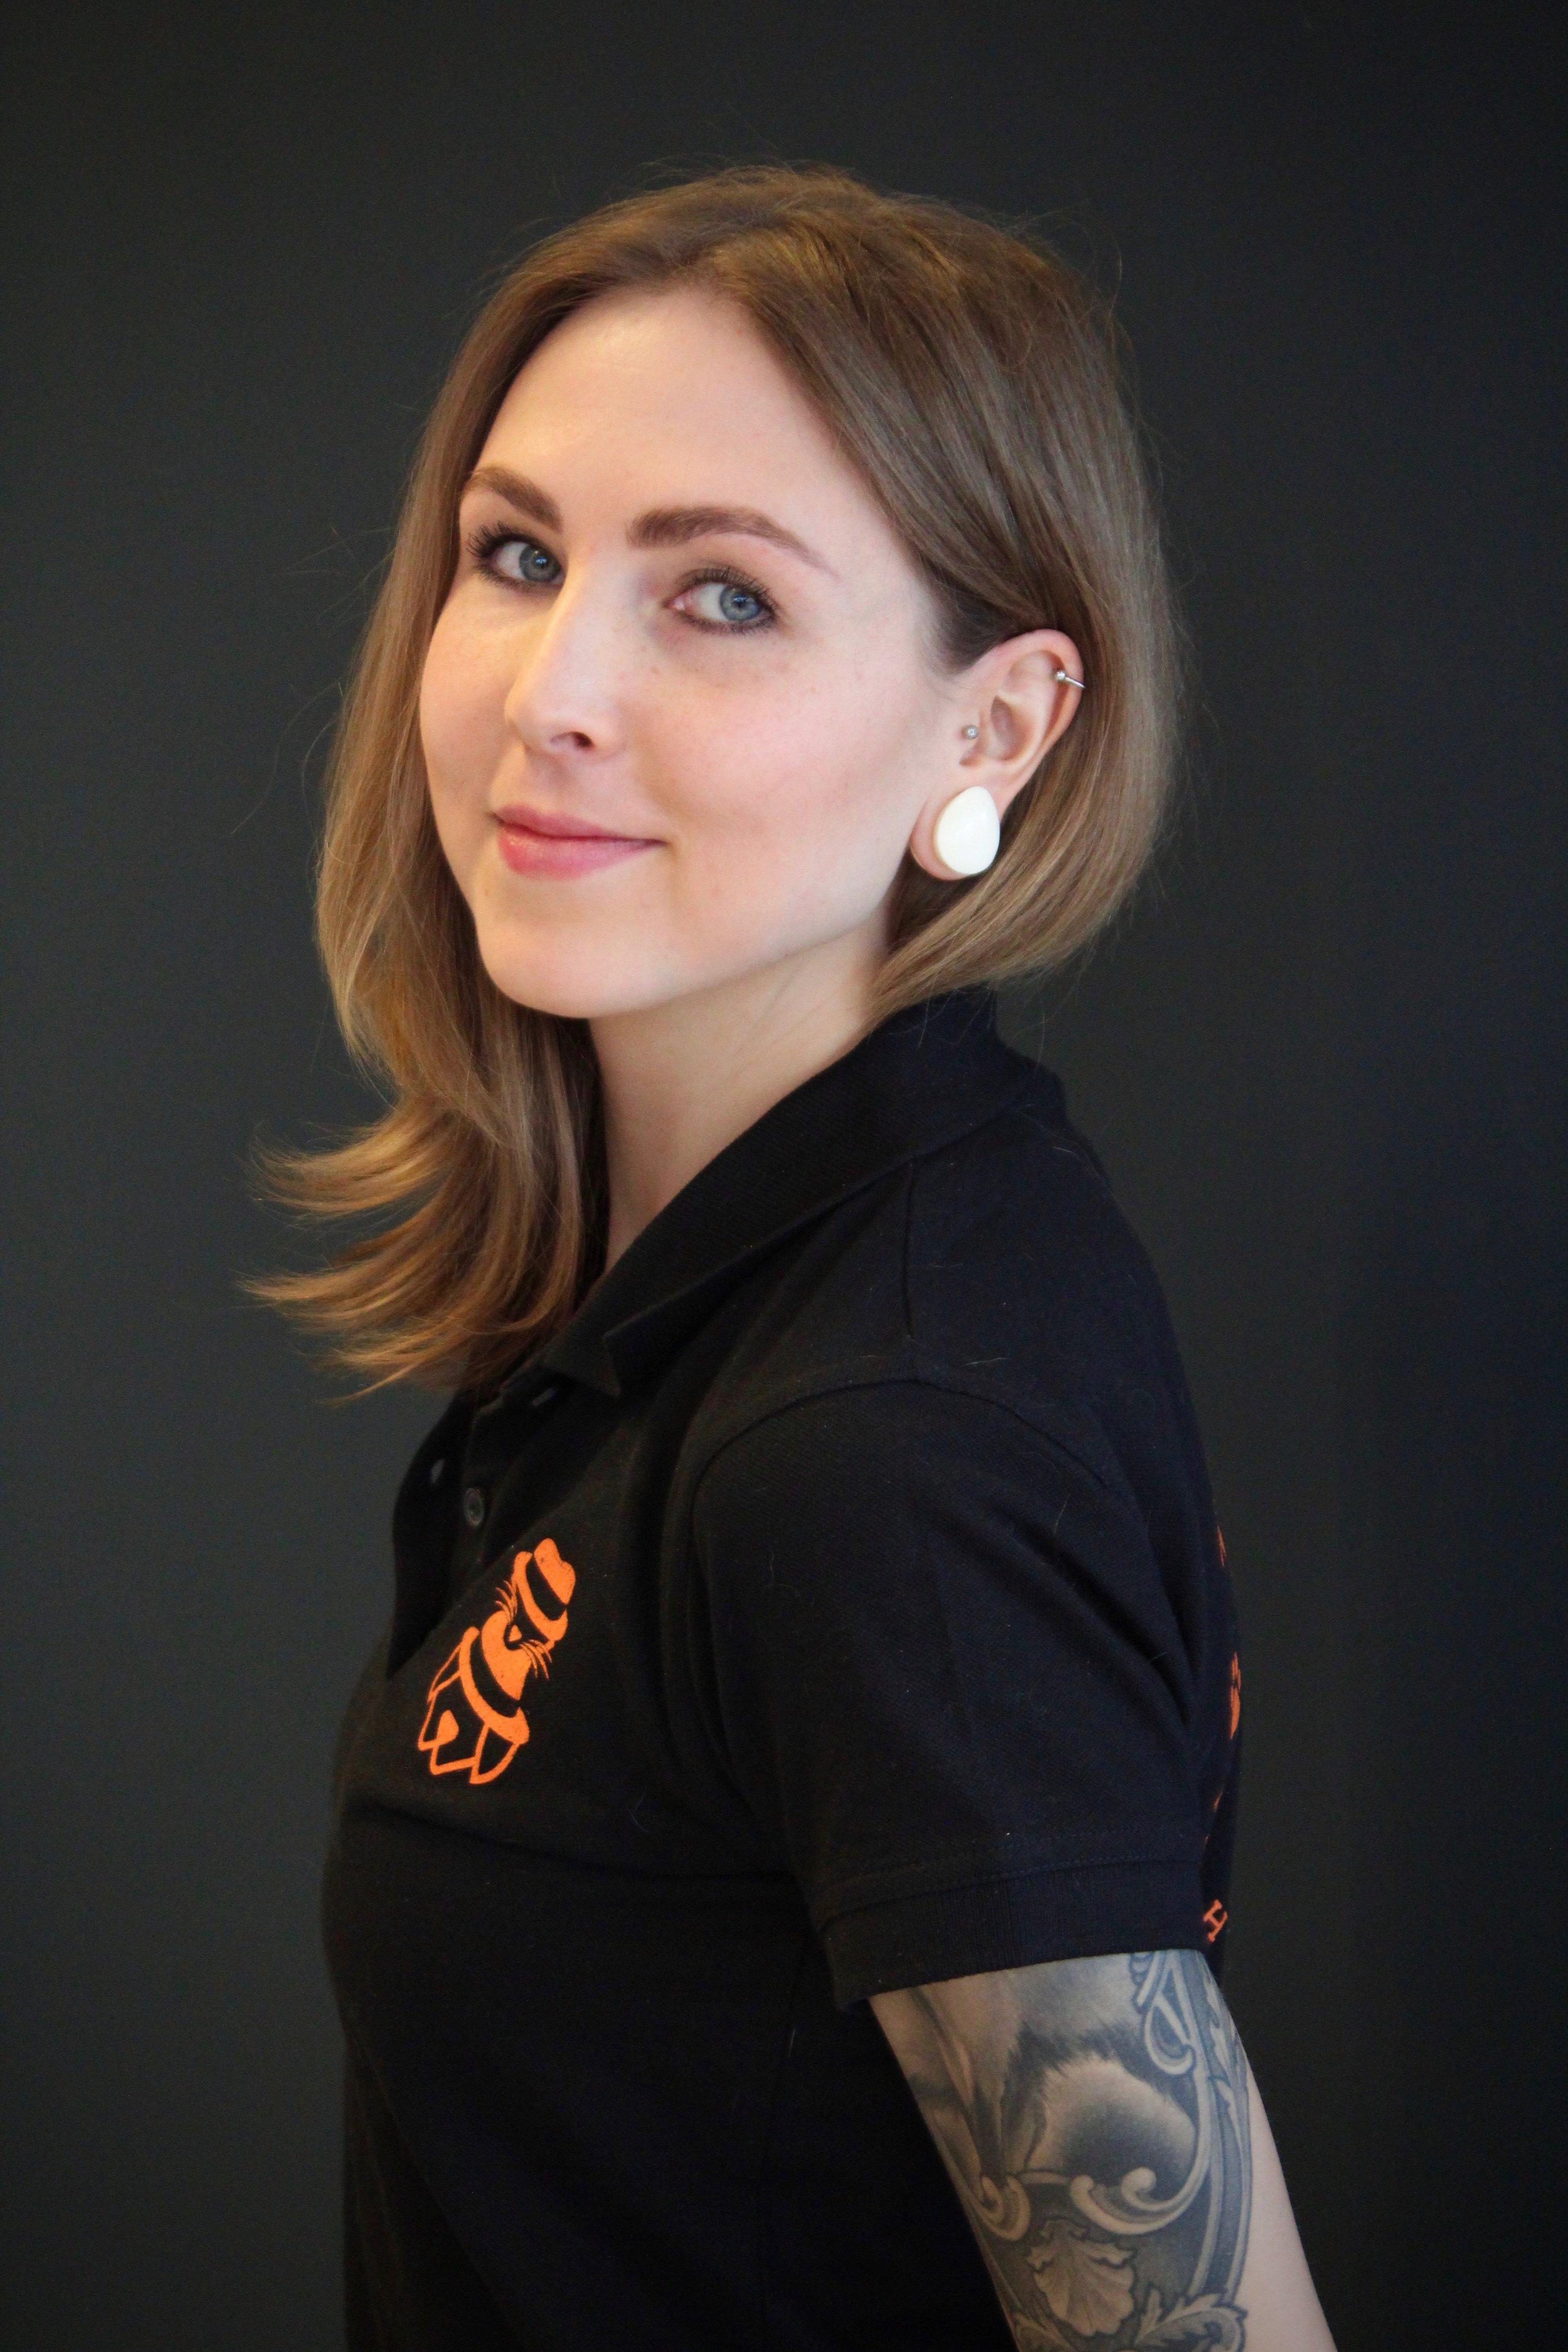 Sanni - Myyjä - eläintenhoitaja - kouluttaja